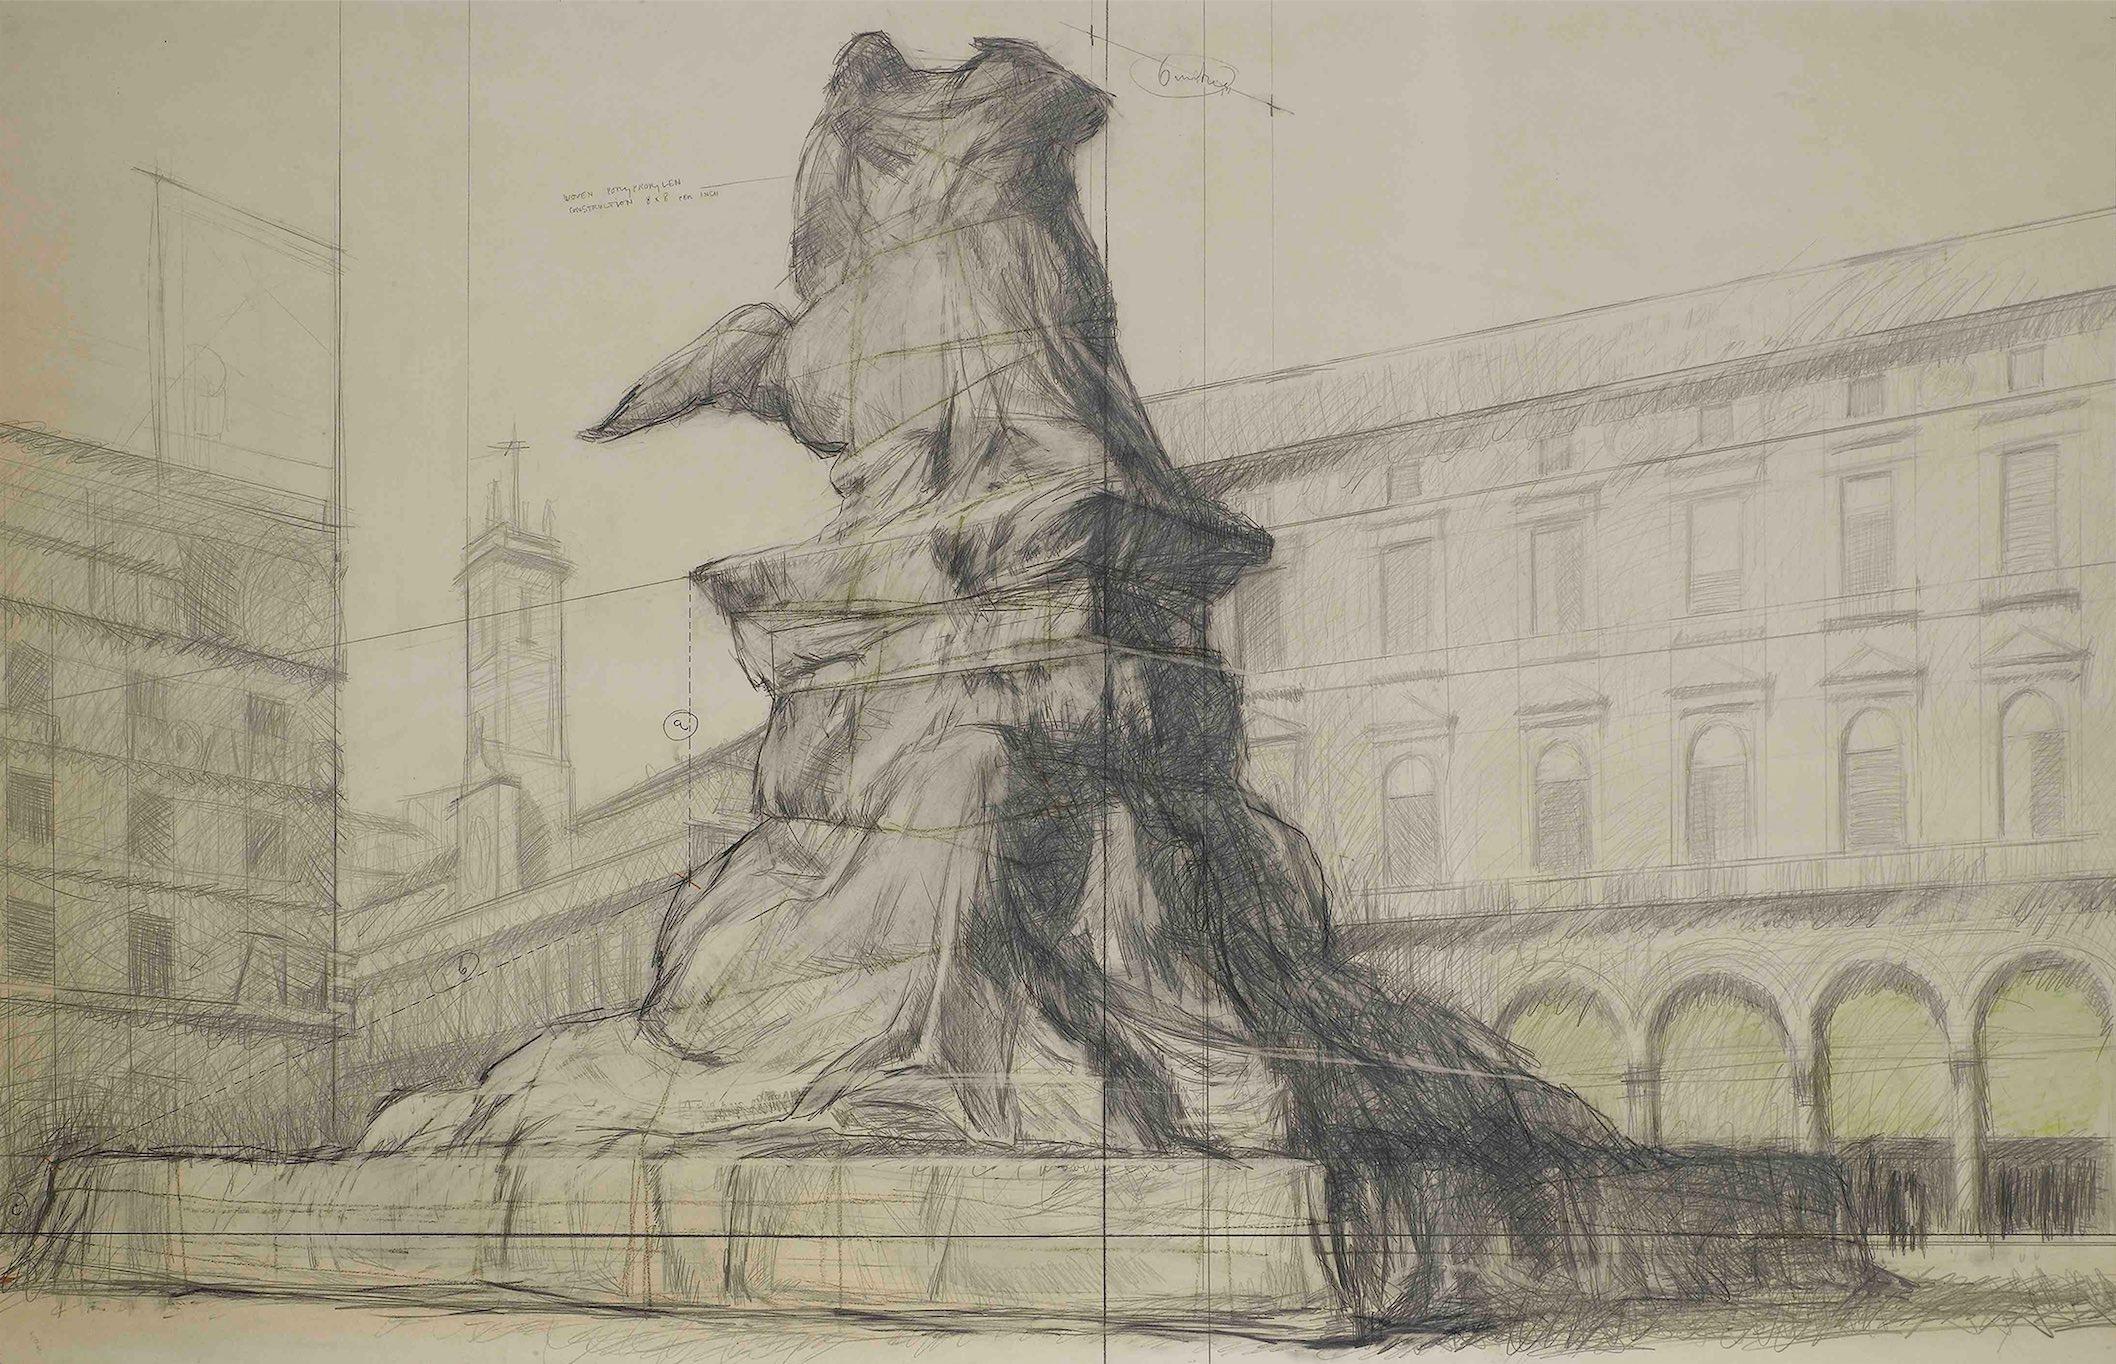 Christo Wrapped monument Vittorio Emanuele II milano, Gallerie d'Italia, Piazza Scala, Collezione Luigi e Peppino Agrati, Intesa Sanpaolo, Collezione Agrati, Milano